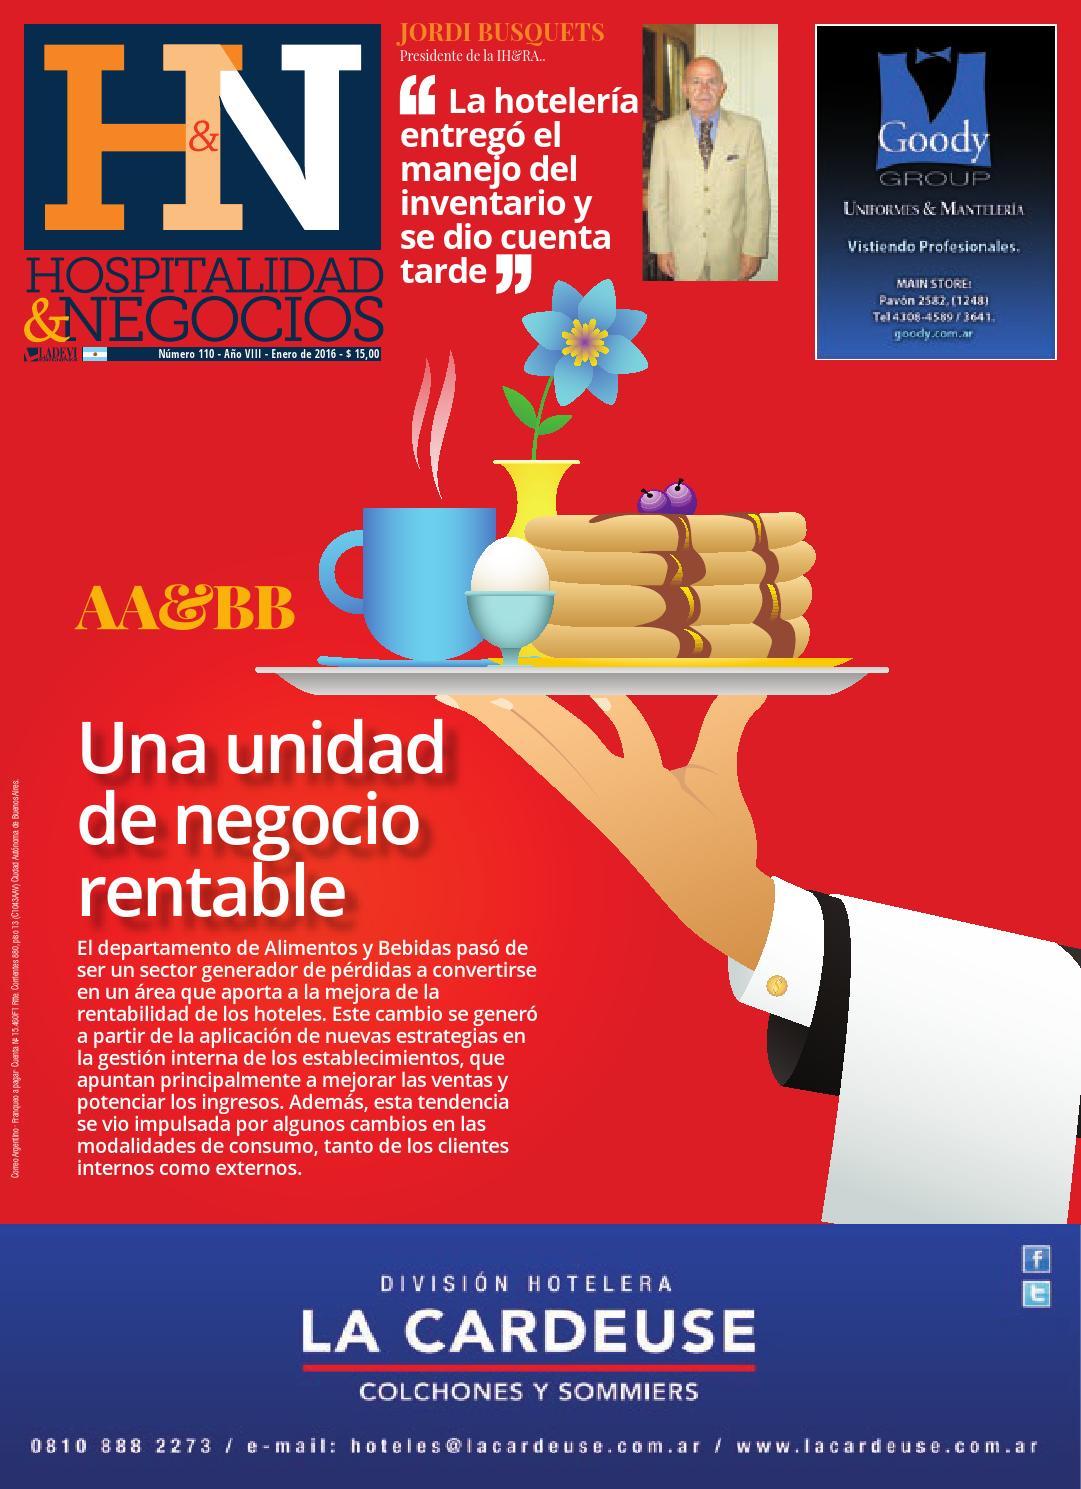 Codigo sagrado 888 los mejores casino on line de Venezuela-887955